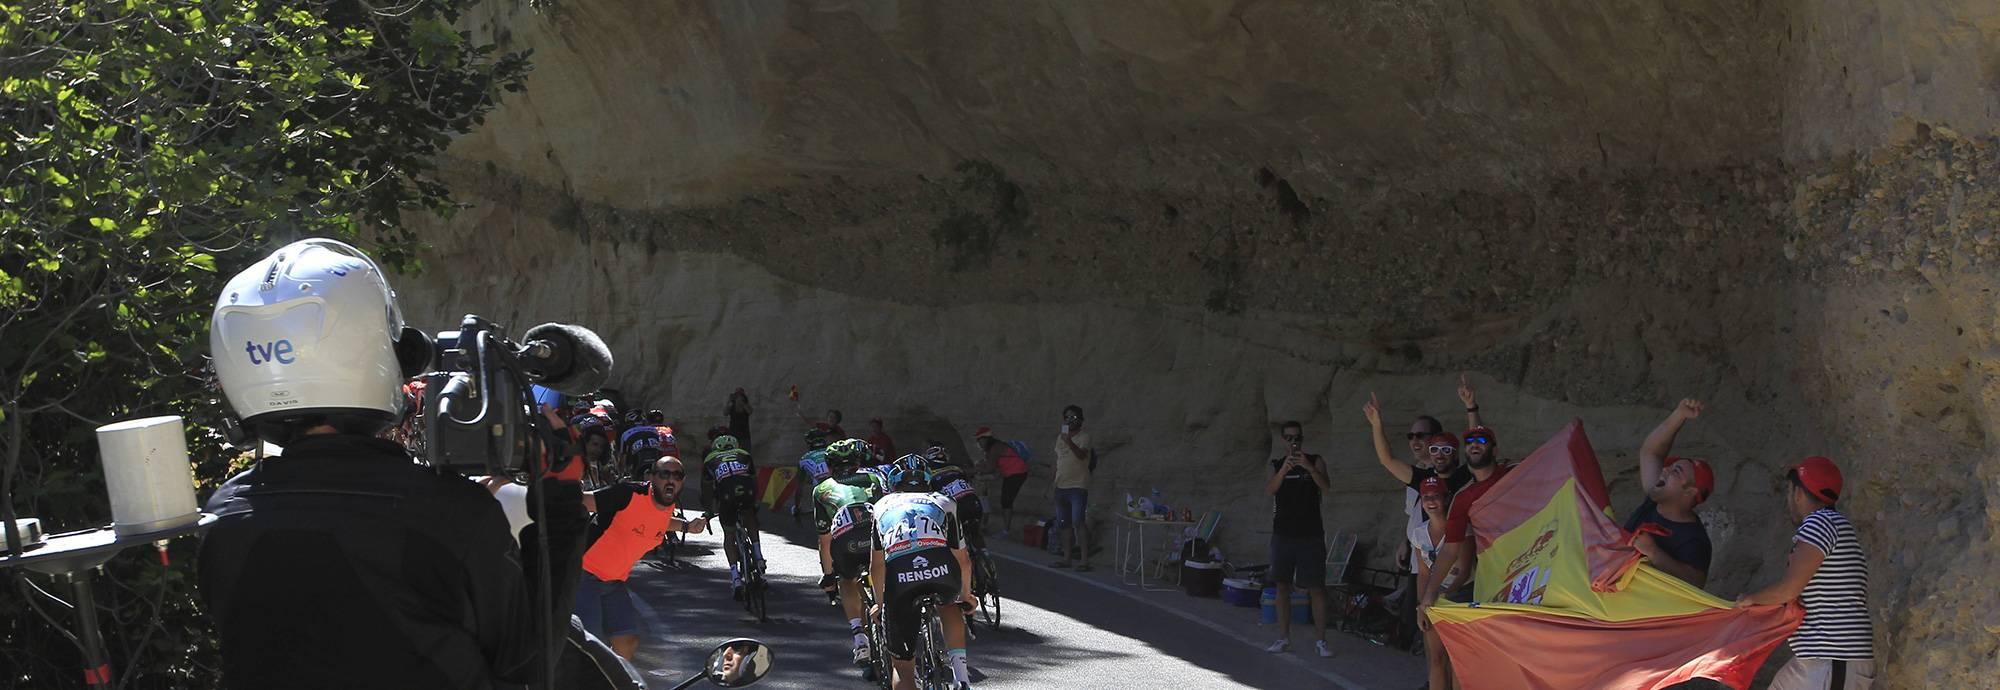 Vuelta ciclista a España por El Caminito del Rey